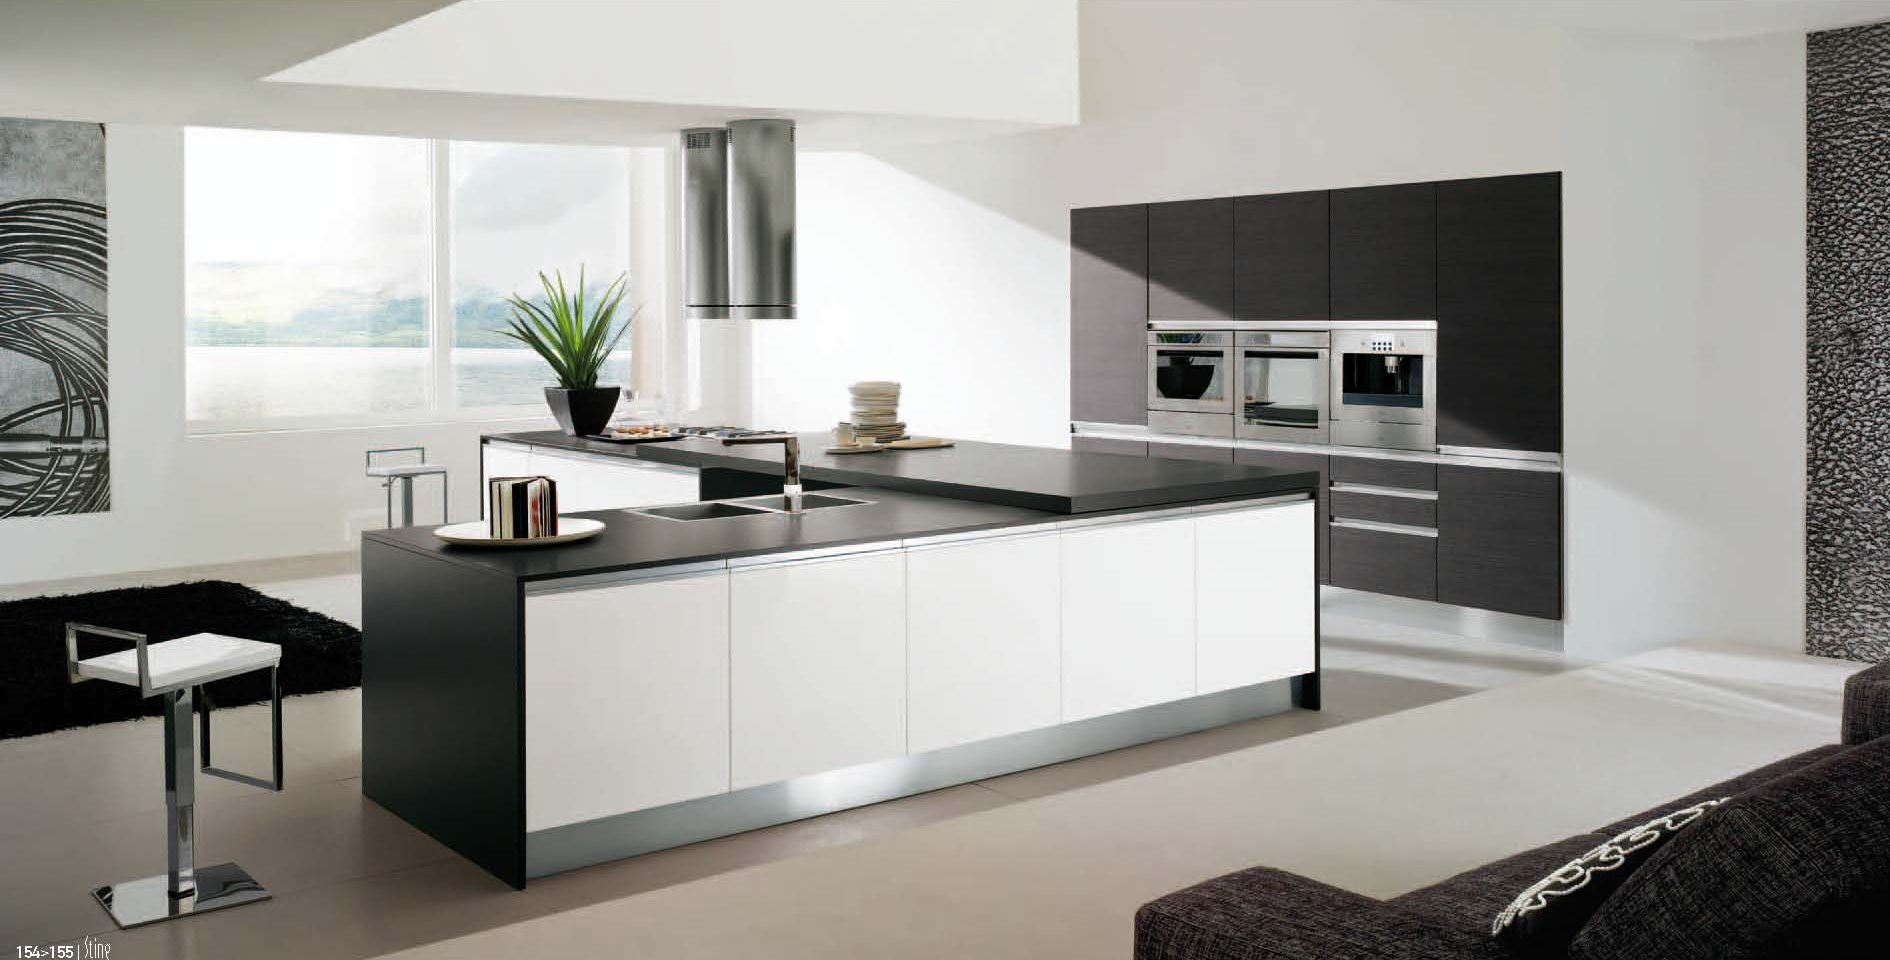 Cucina in laminato bianco - Arredamento moderno